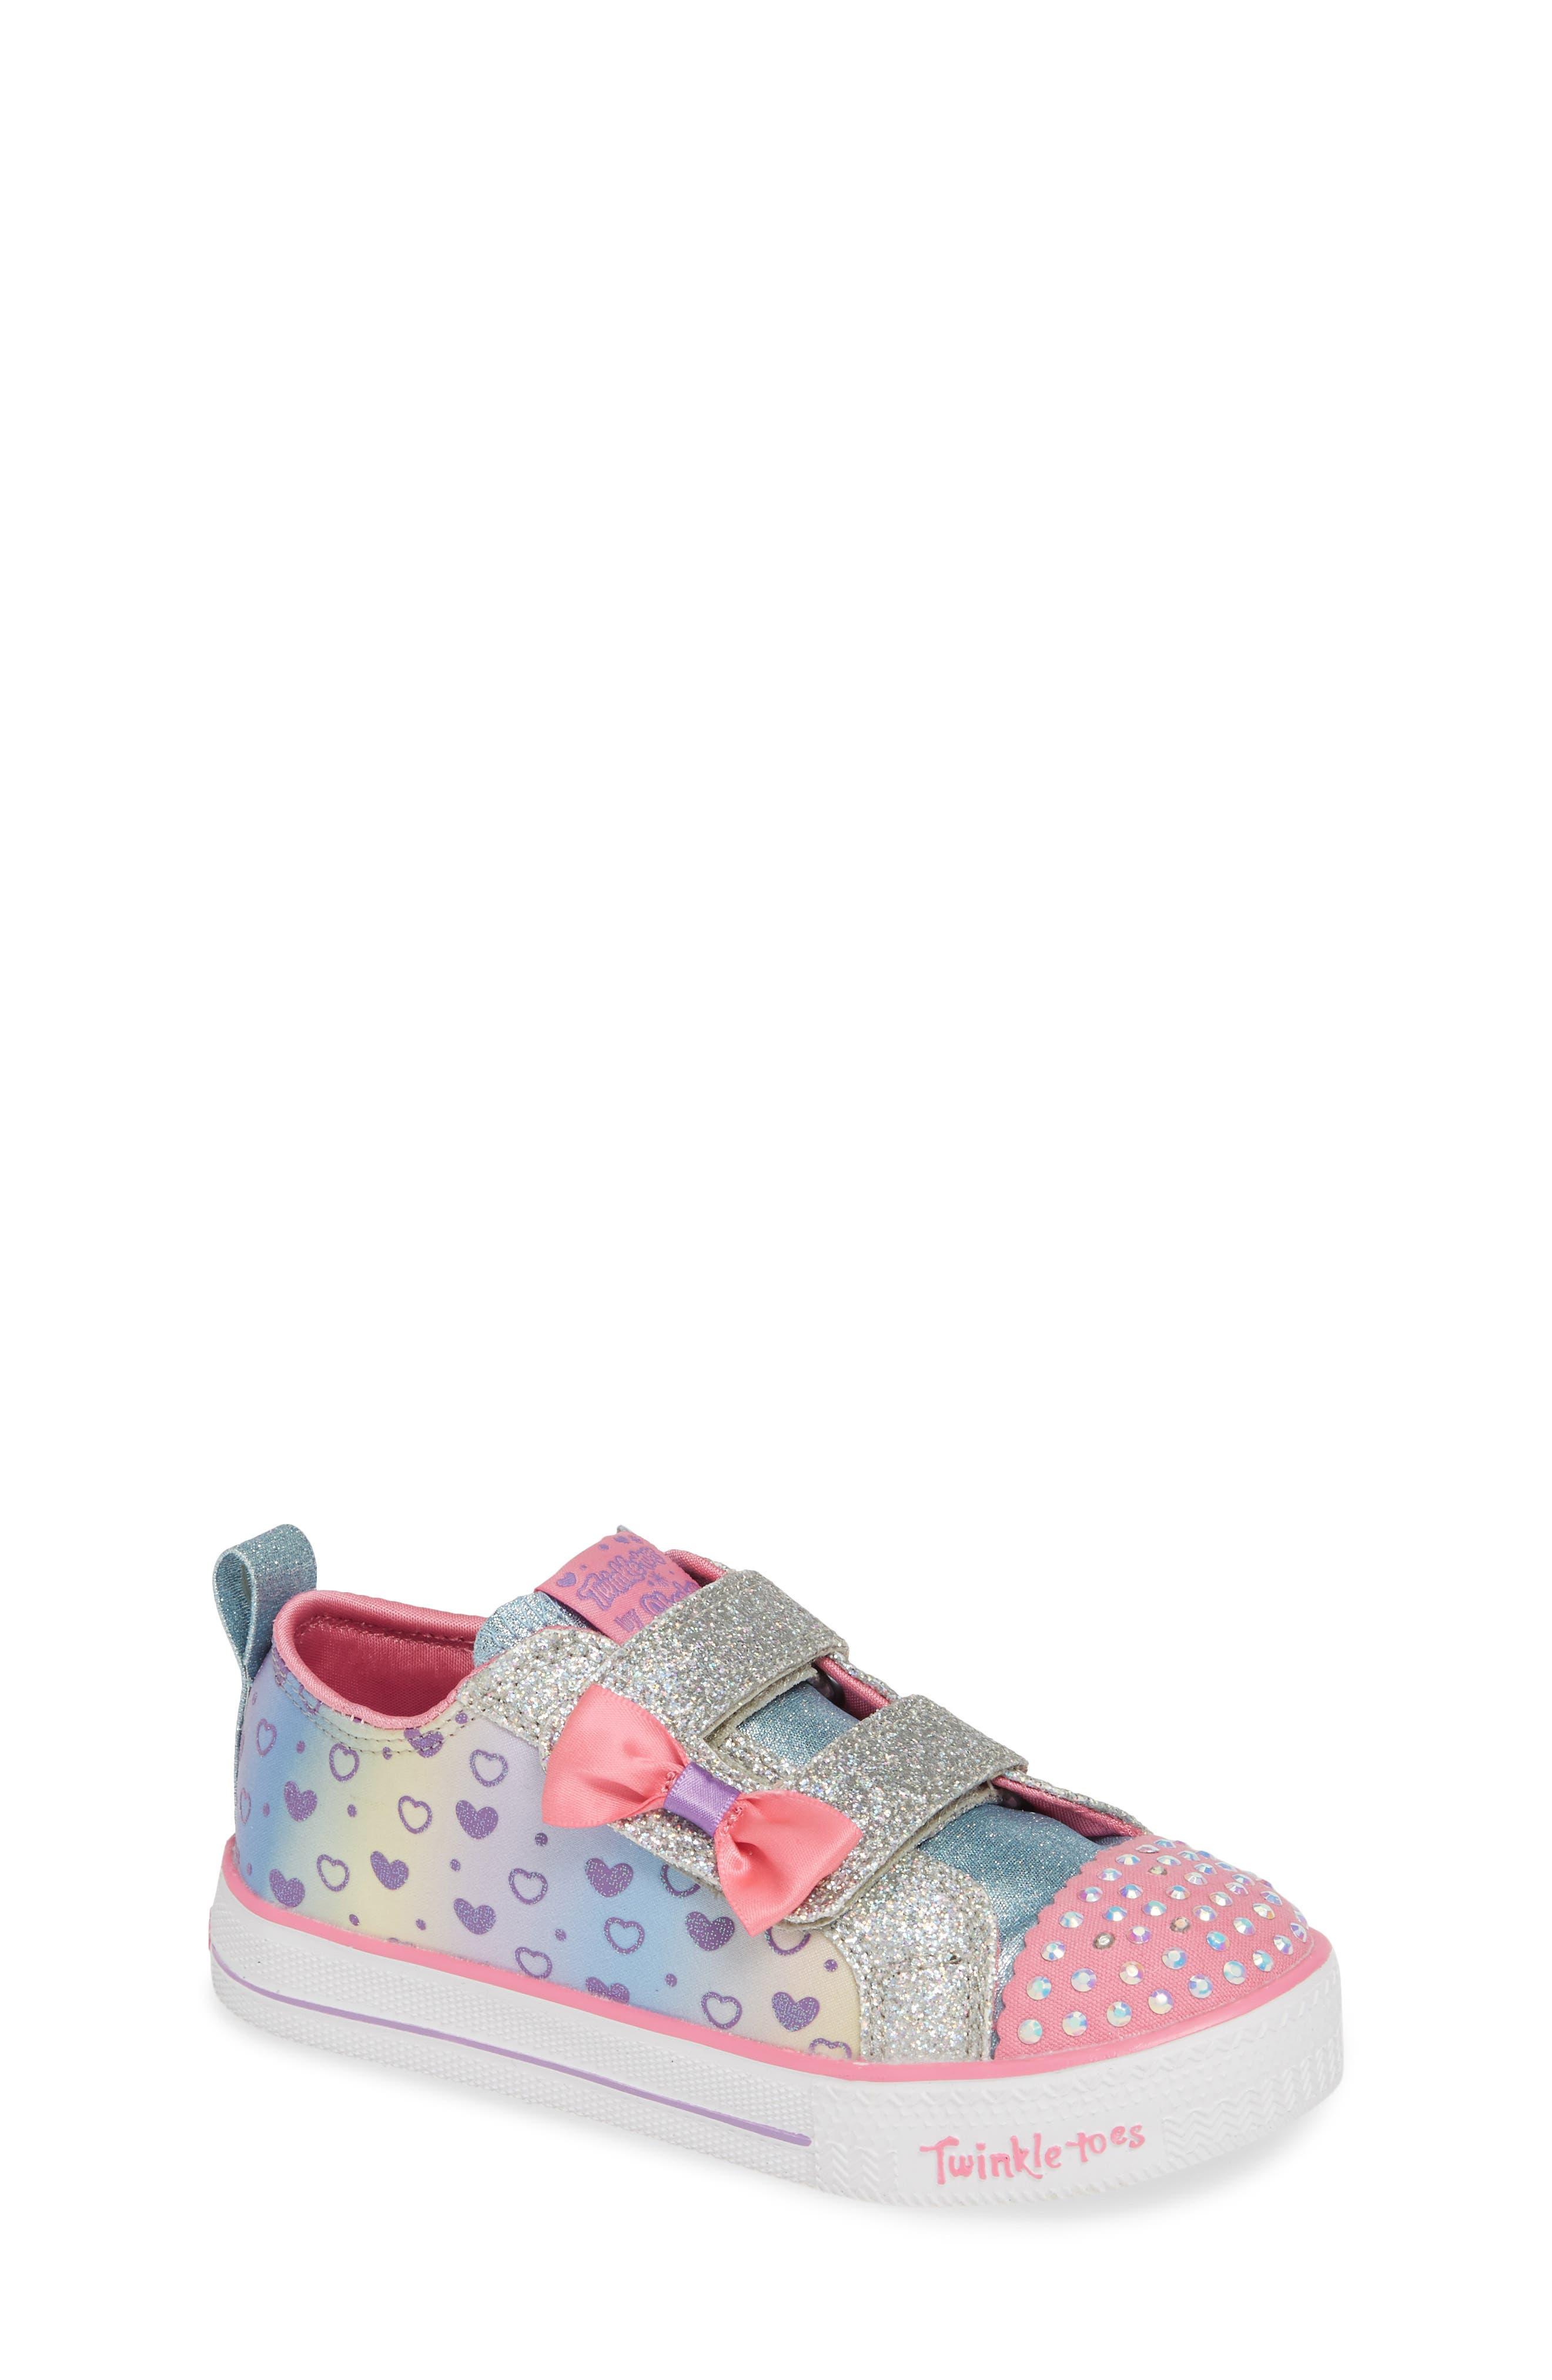 Shuffle Lite Glitter Sneaker, Main, color, SILVER/ MULTI